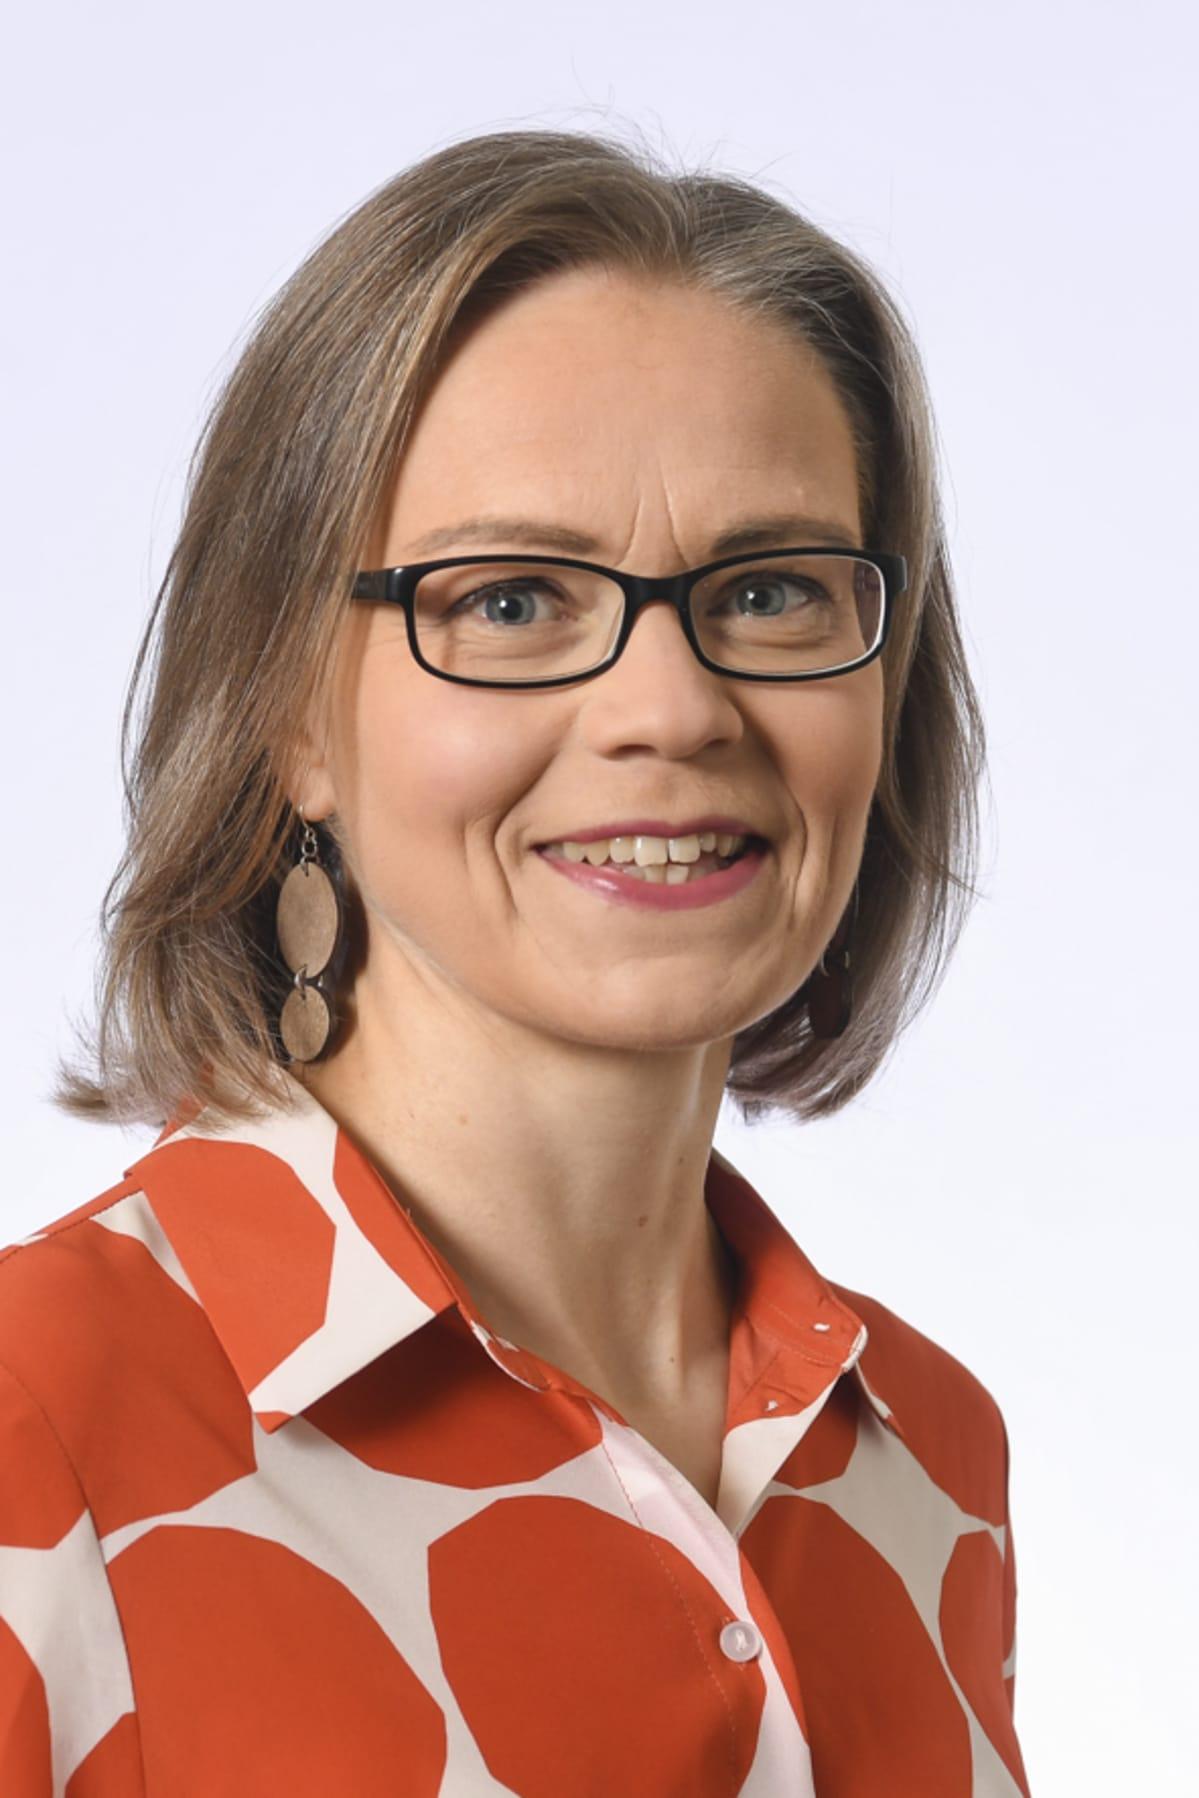 Tiina Elo